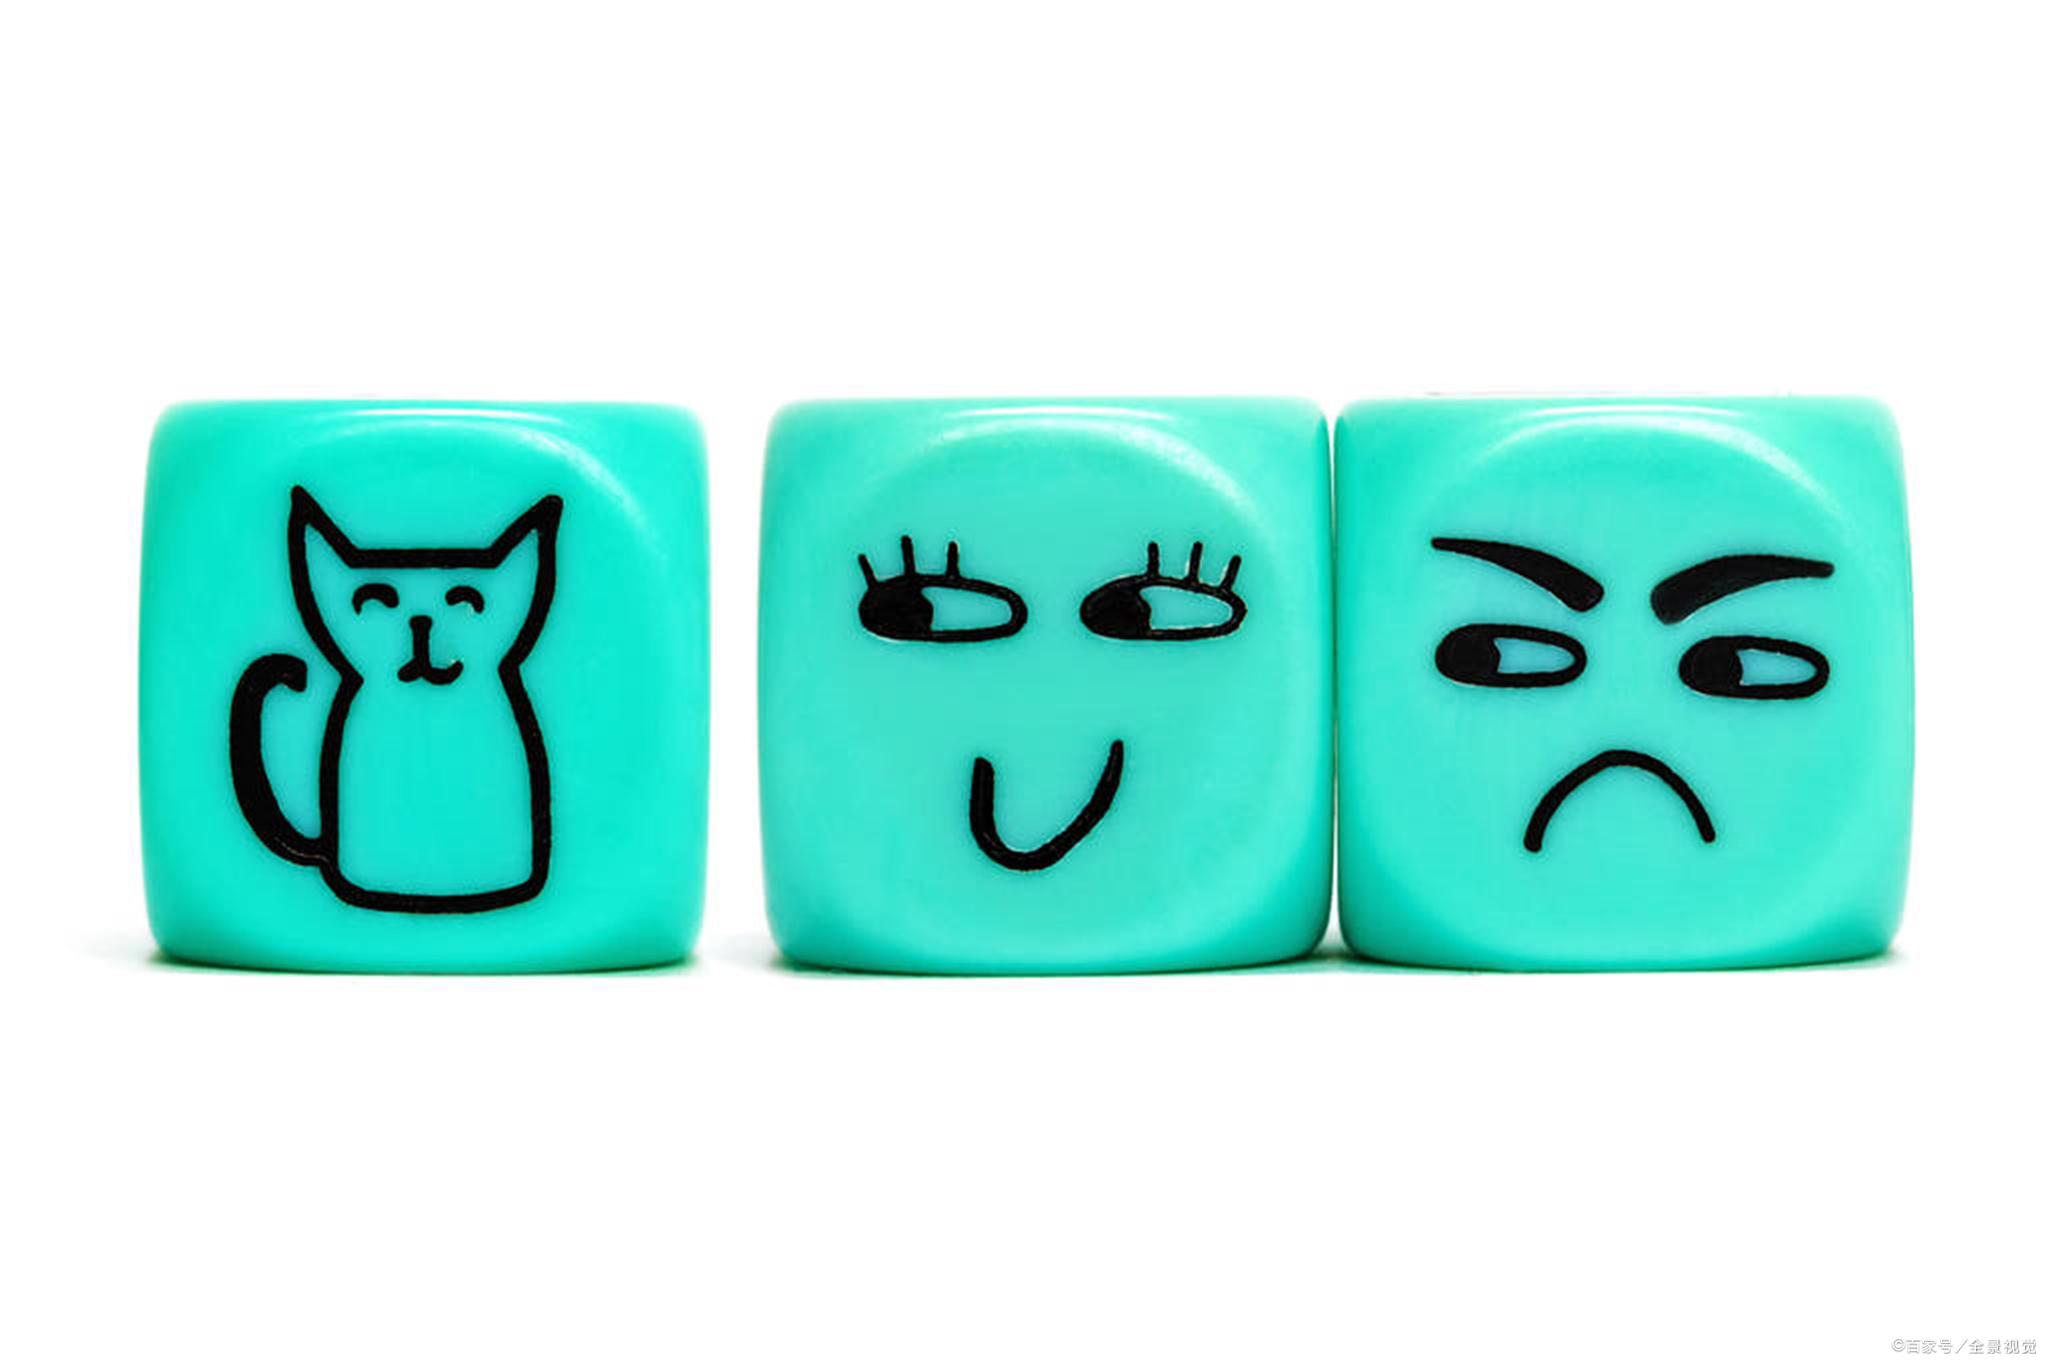 專家建議:當孩子被嫉妒情緒困擾,家長要了解深入原因,對癥下藥